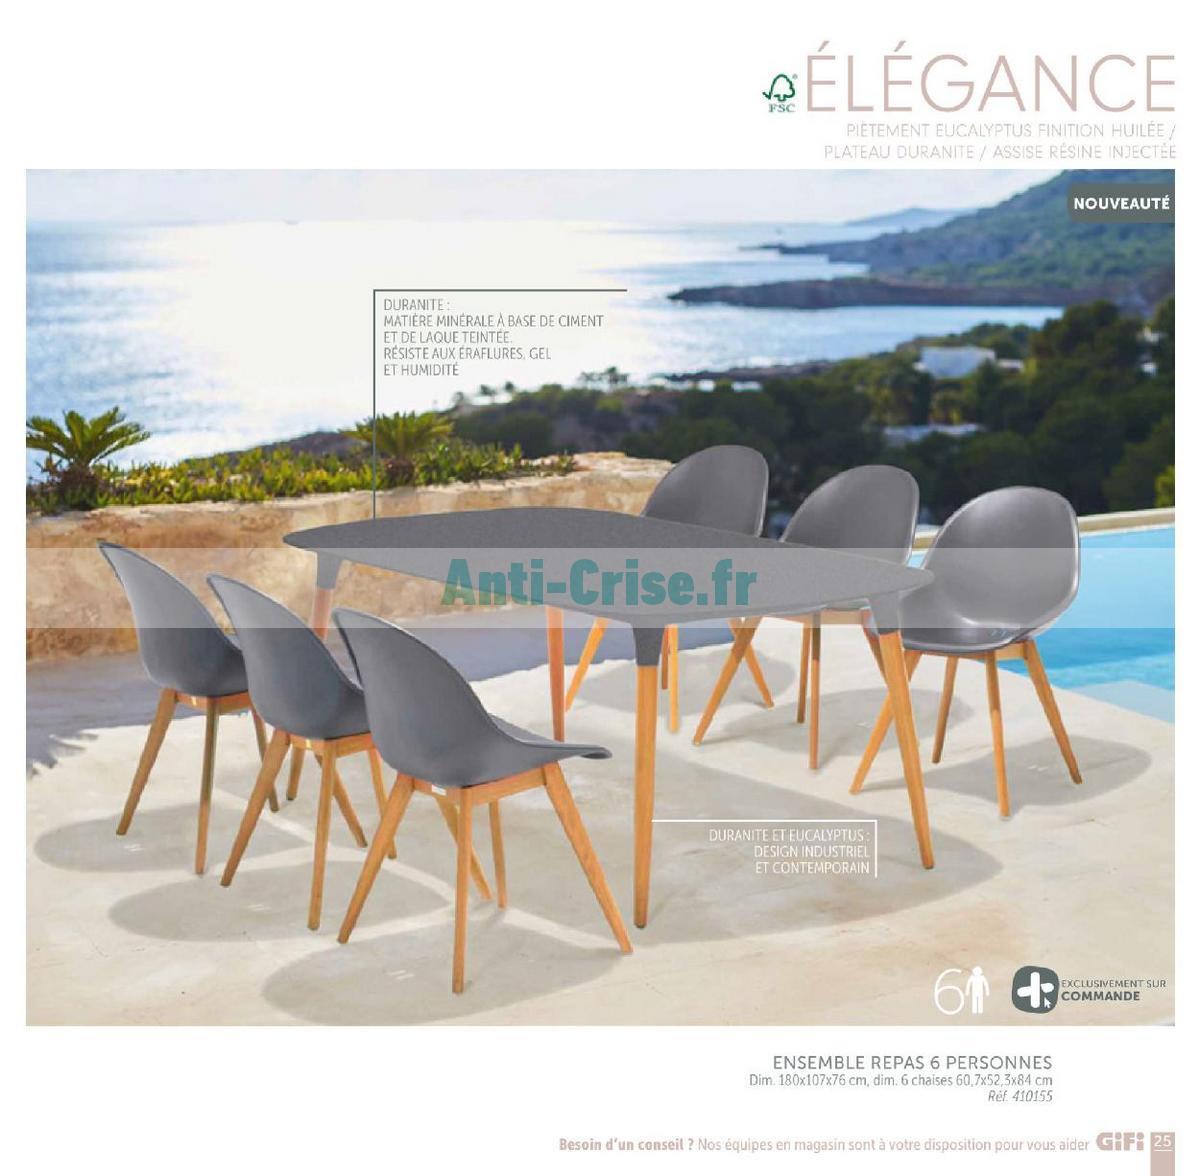 aout2018 Catalogue Gifi du 1er mai au 31 août 2018 (Plein Air) (25)